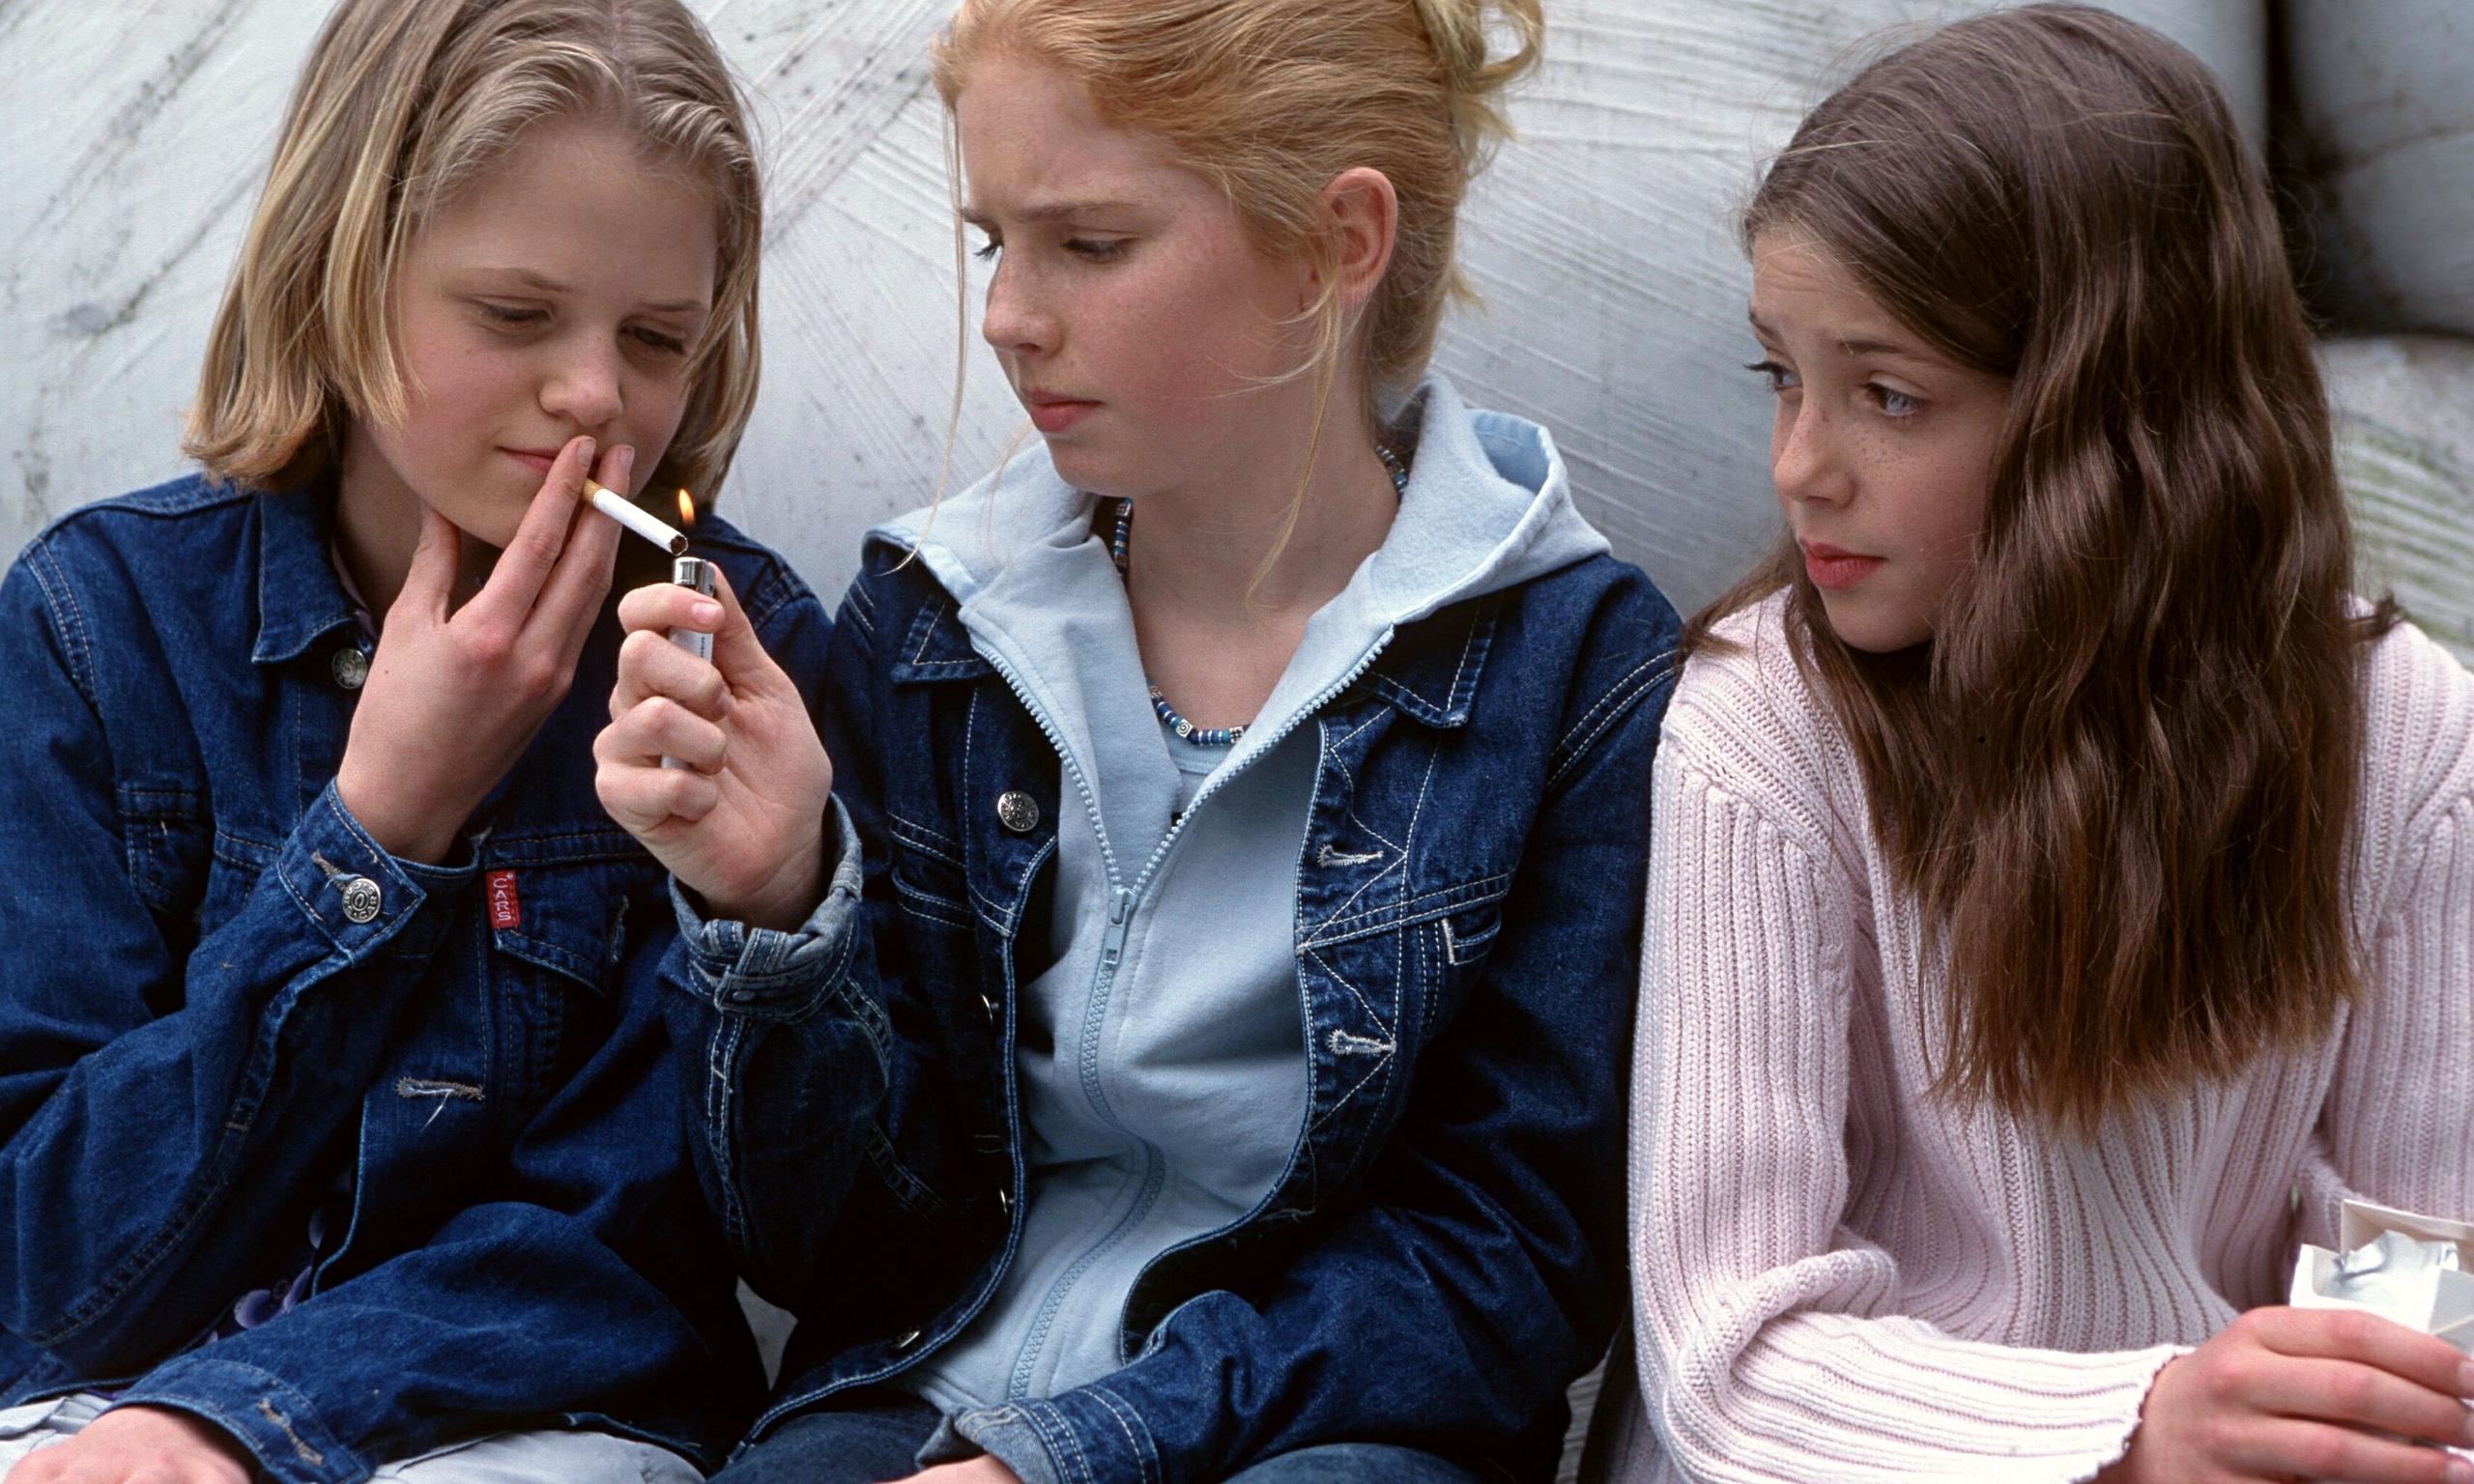 Teenage girls smoking